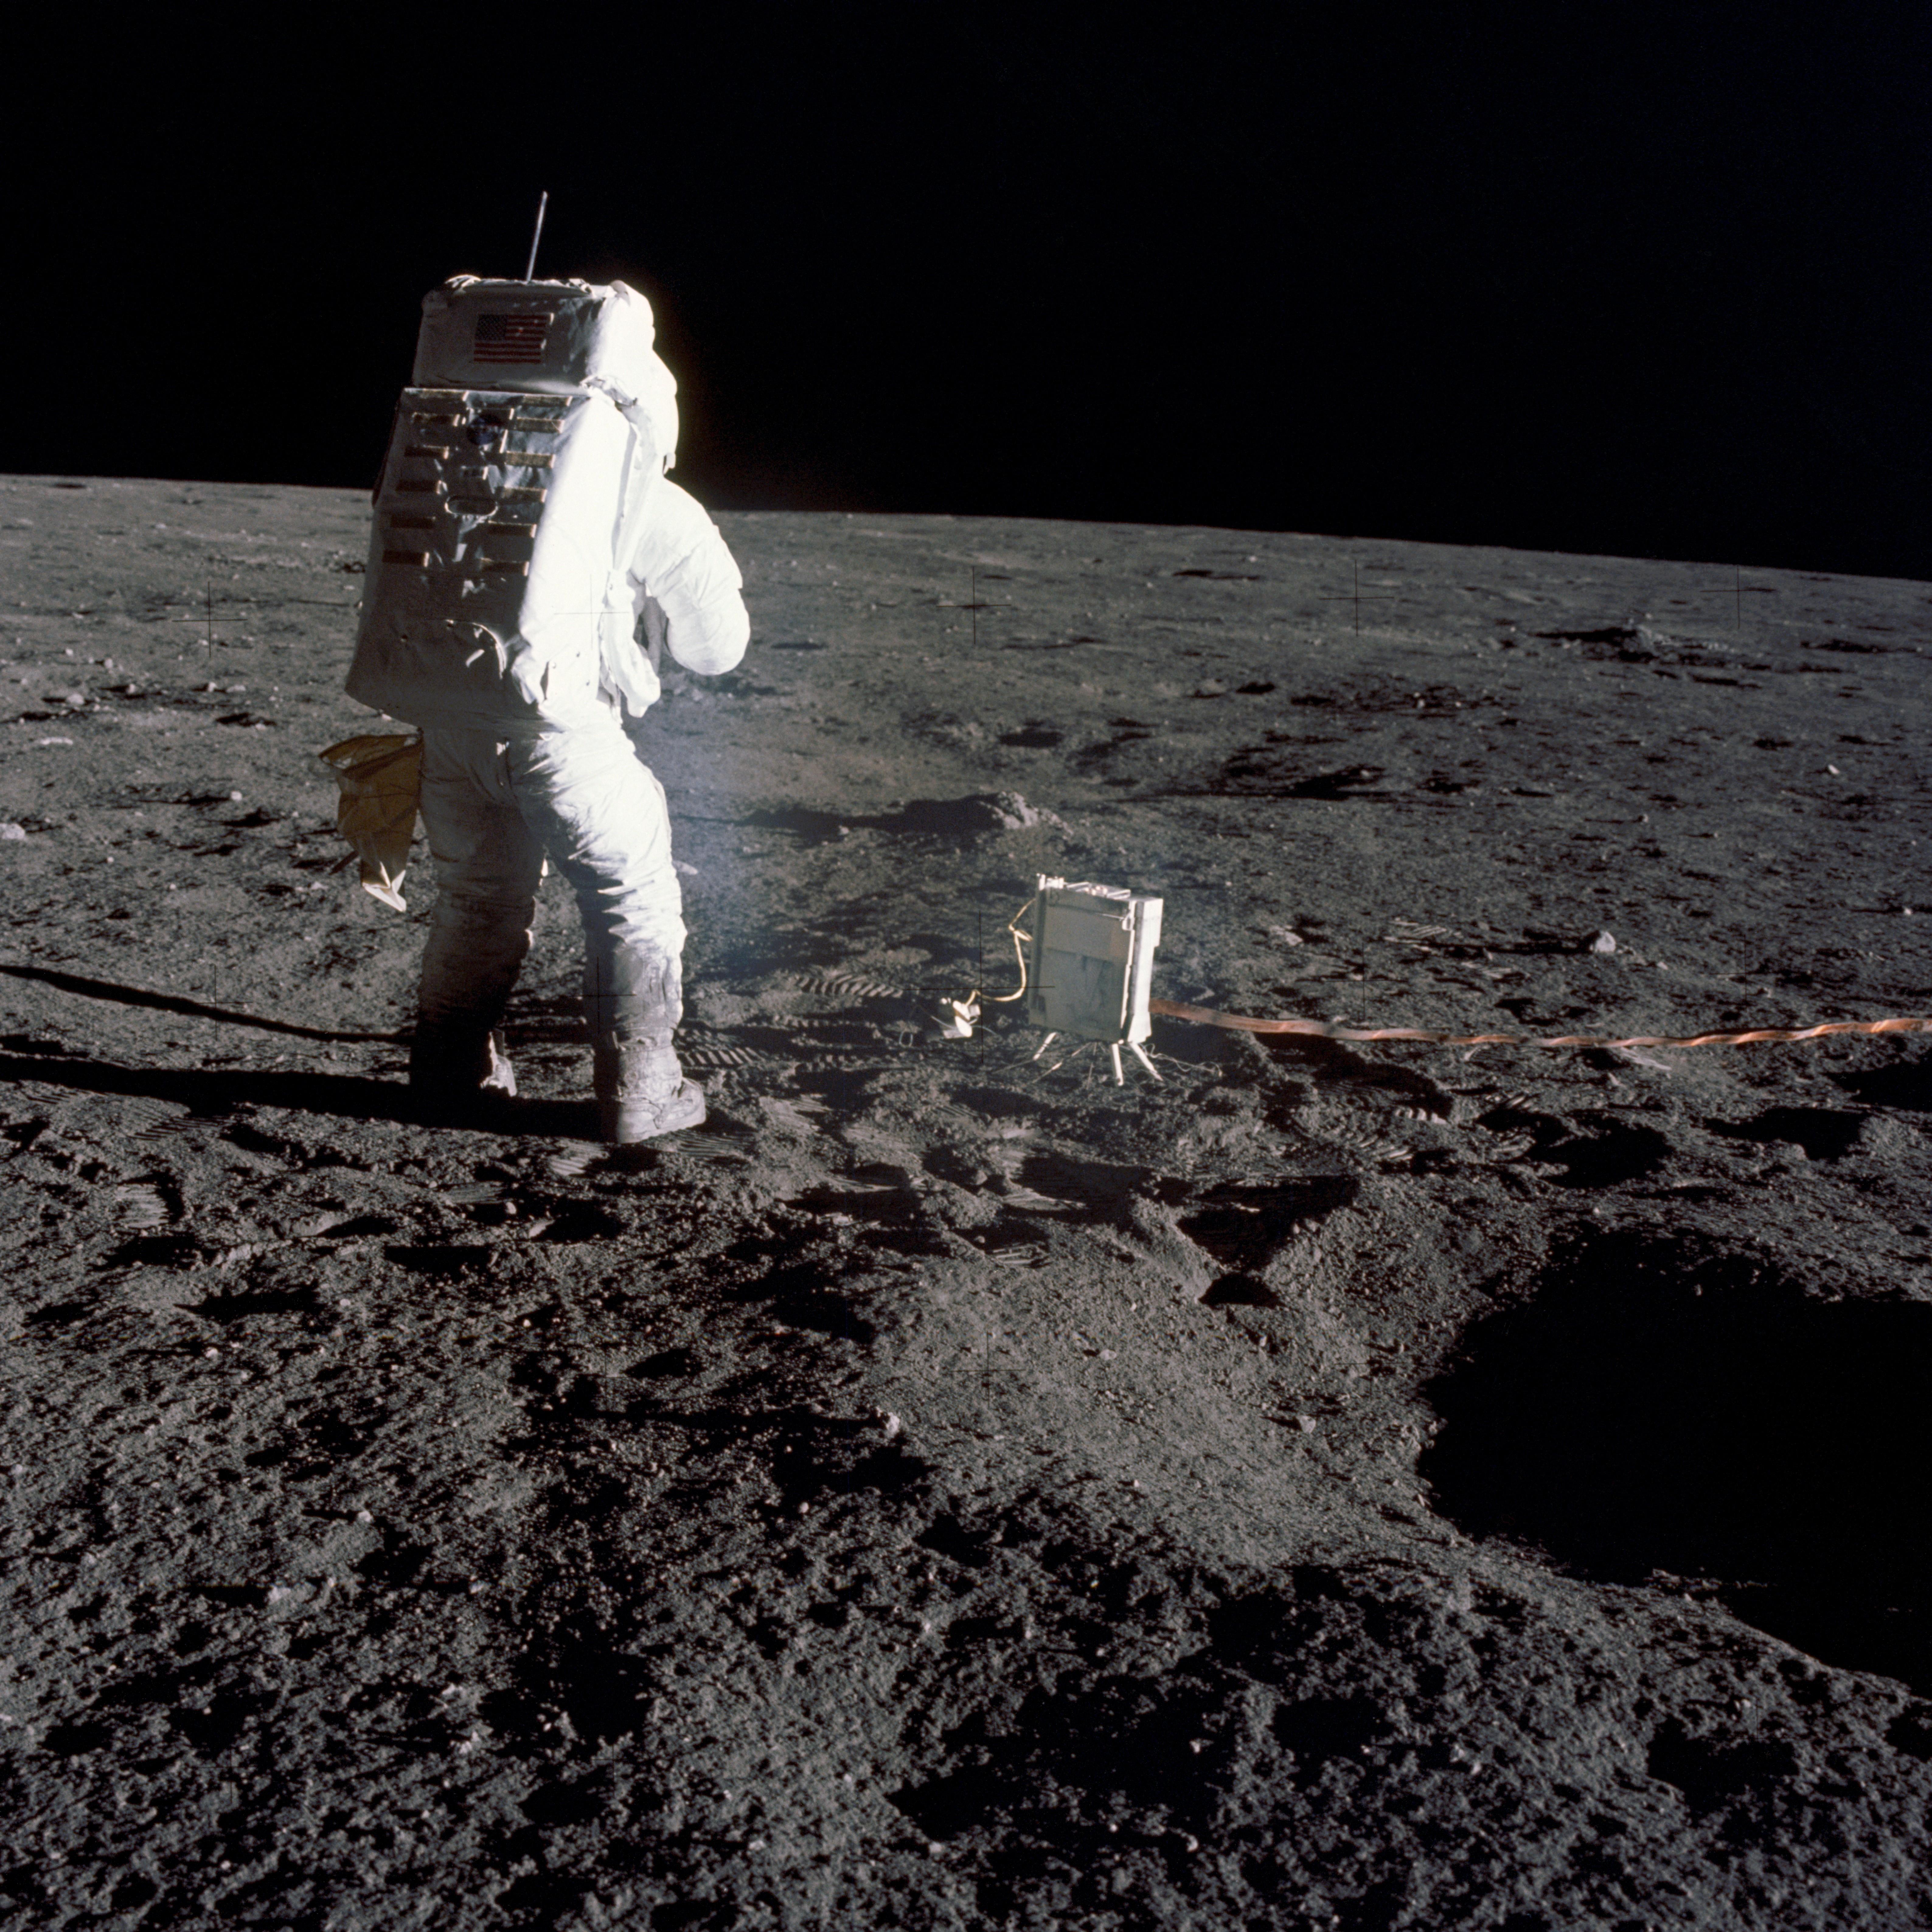 Реальные фото луны из космоса подозревал, что